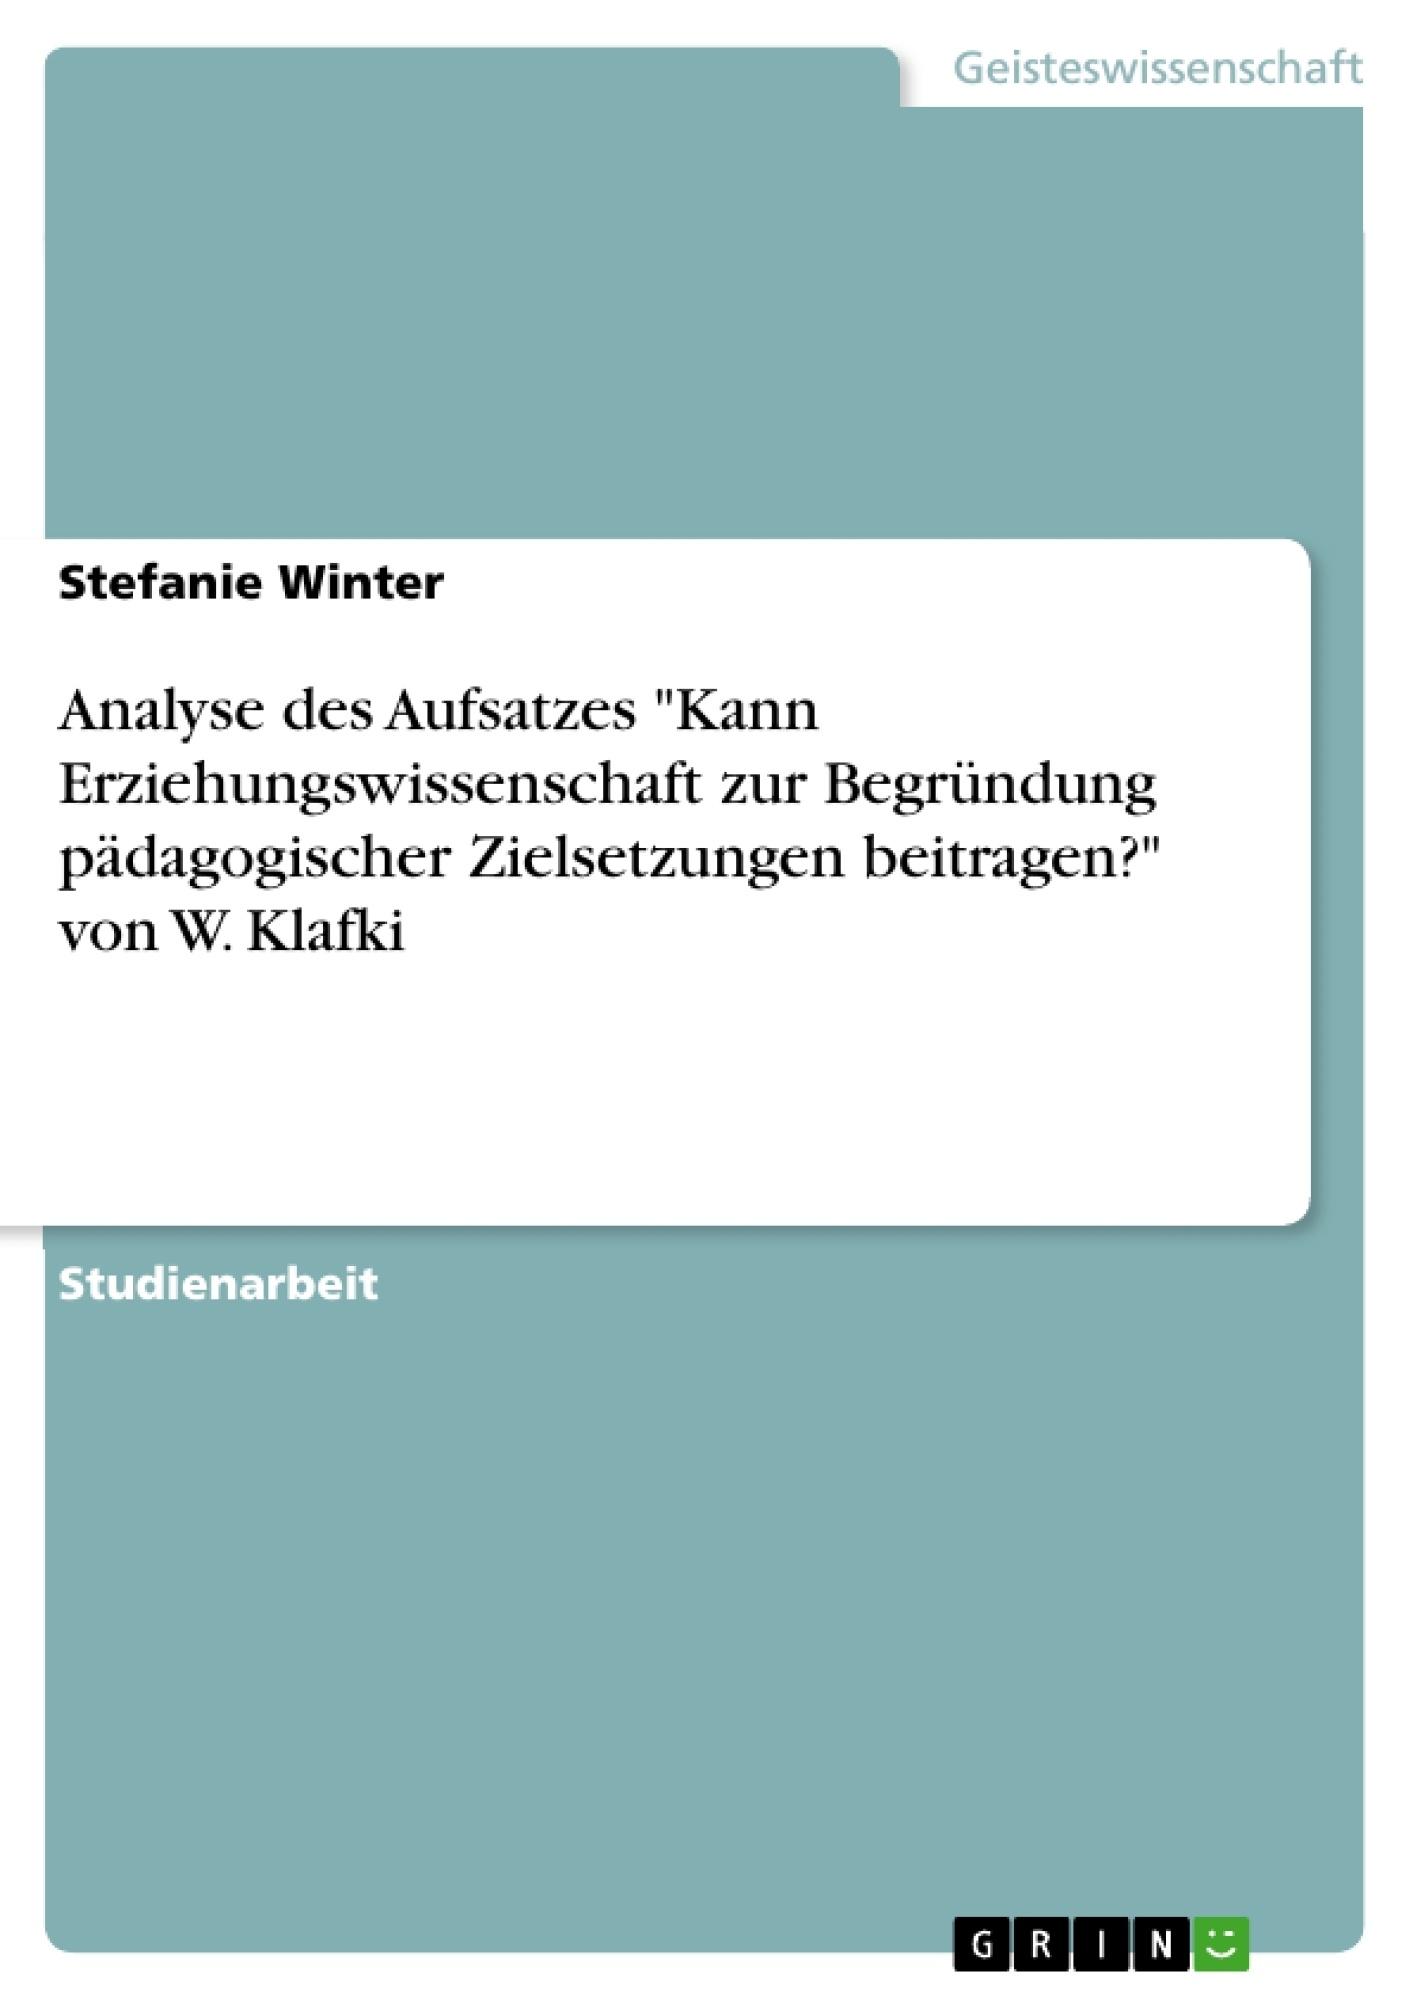 """Titel: Analyse des Aufsatzes """"Kann Erziehungswissenschaft zur Begründung pädagogischer Zielsetzungen beitragen?"""" von W. Klafki"""